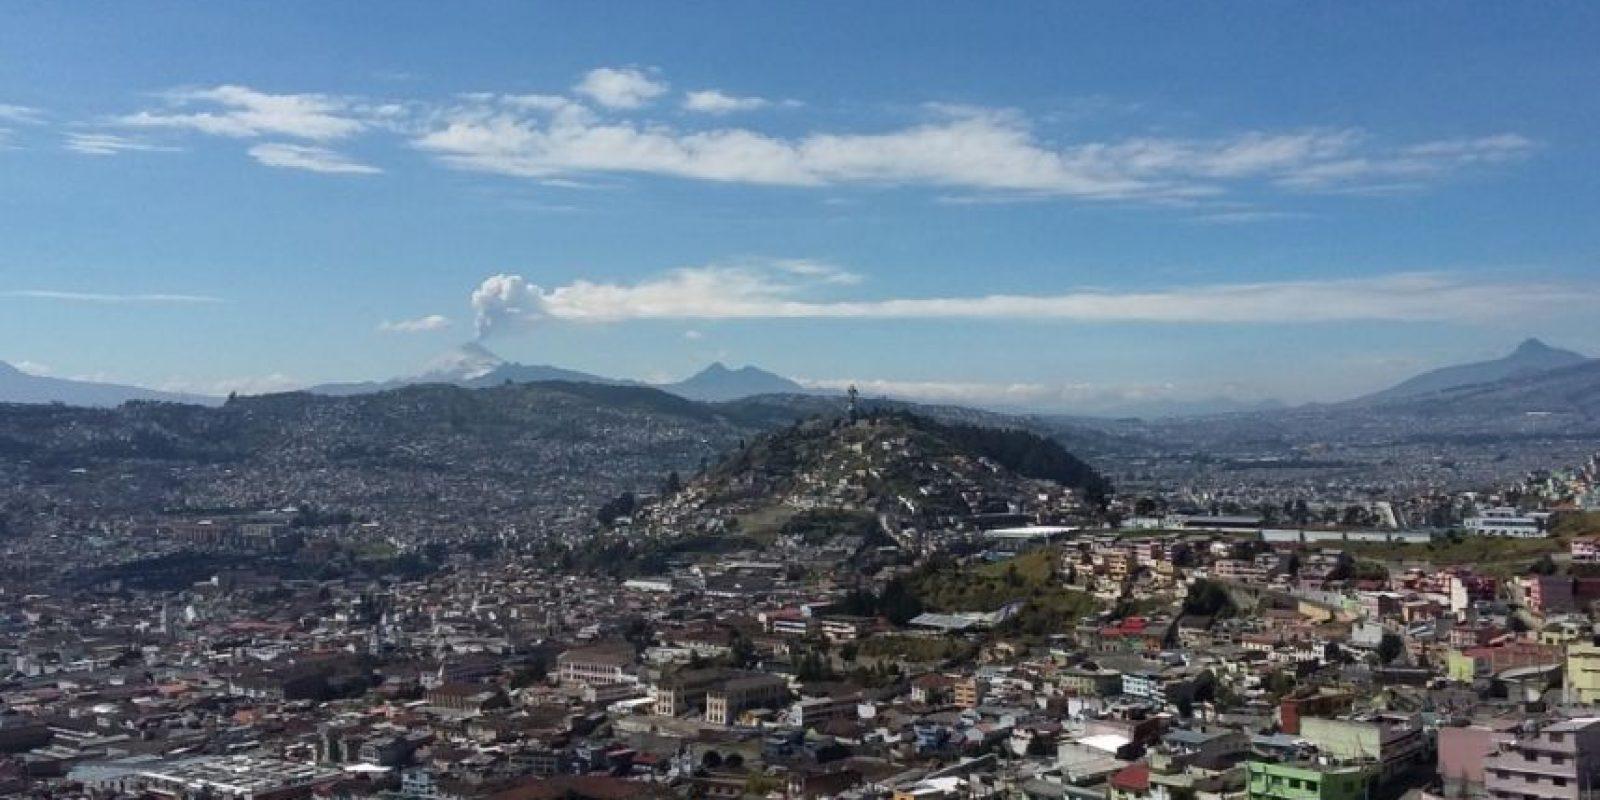 País: Ecuador / Categoría: Alma de la Ciudad Foto:Daniel Solis